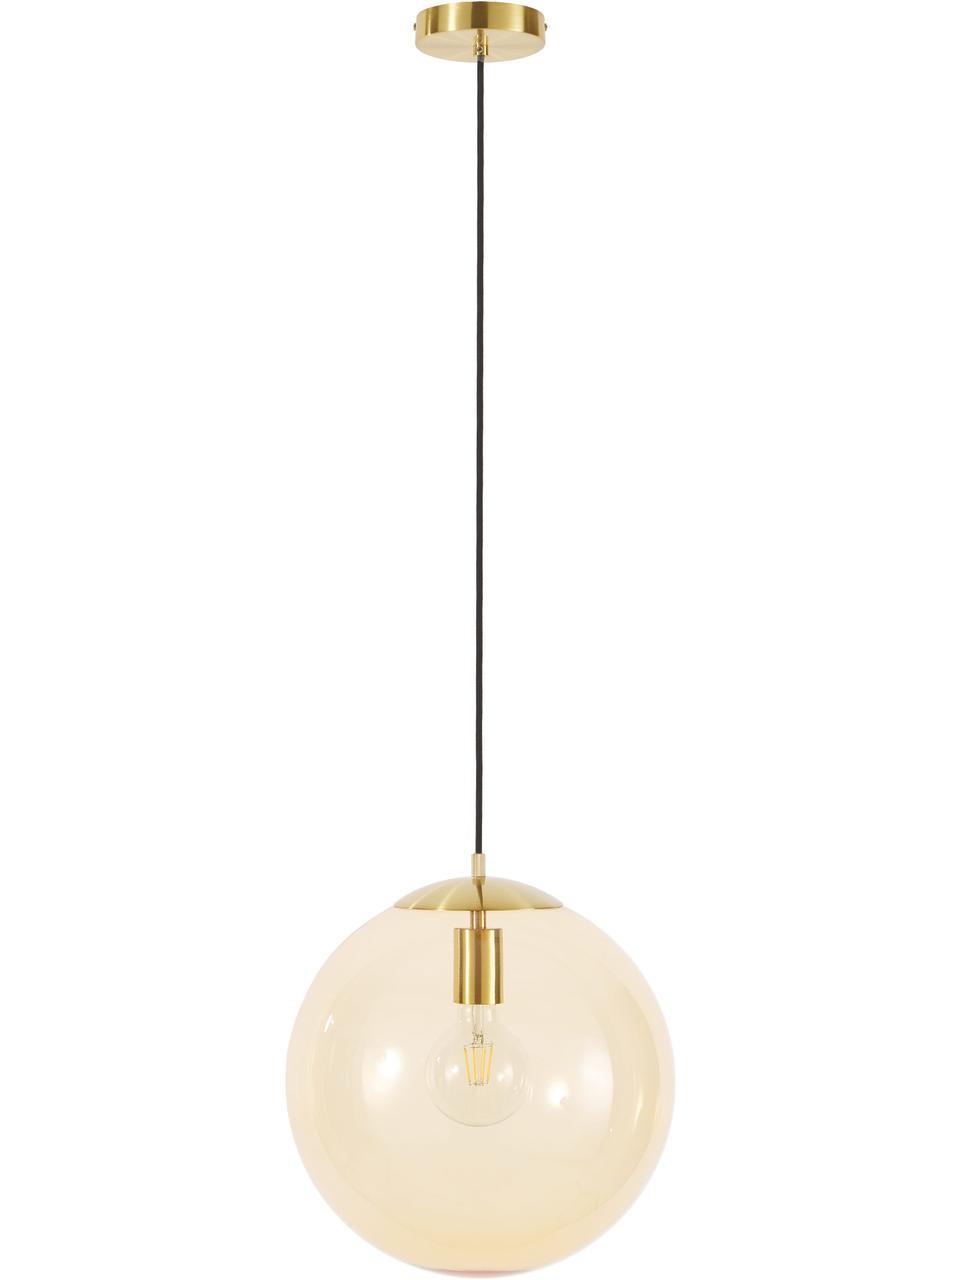 Pendelleuchte Bao aus Glas, Lampenschirm: Glas, Baldachin: Metall, galvanisiert, Gold, Ø 35 cm